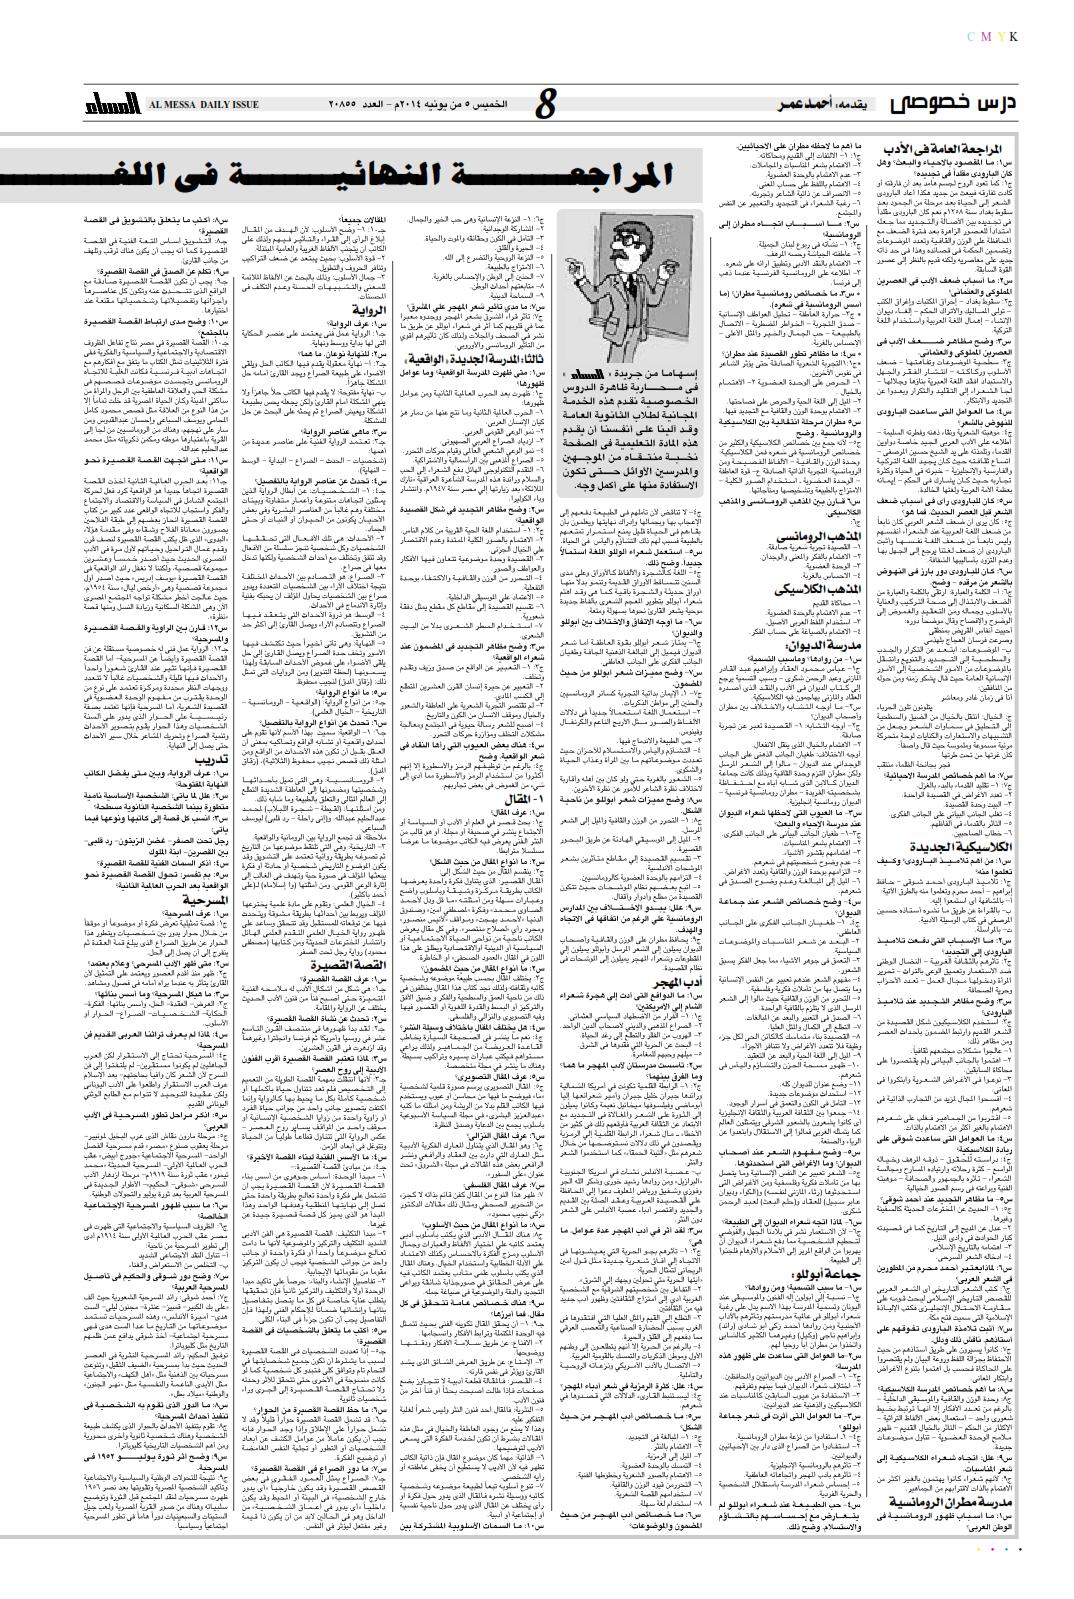 مراجعة المساء التعليمى فى اللغة العربية الثانوية العامة 2014 مع الاسئلة المتوقعه غدا